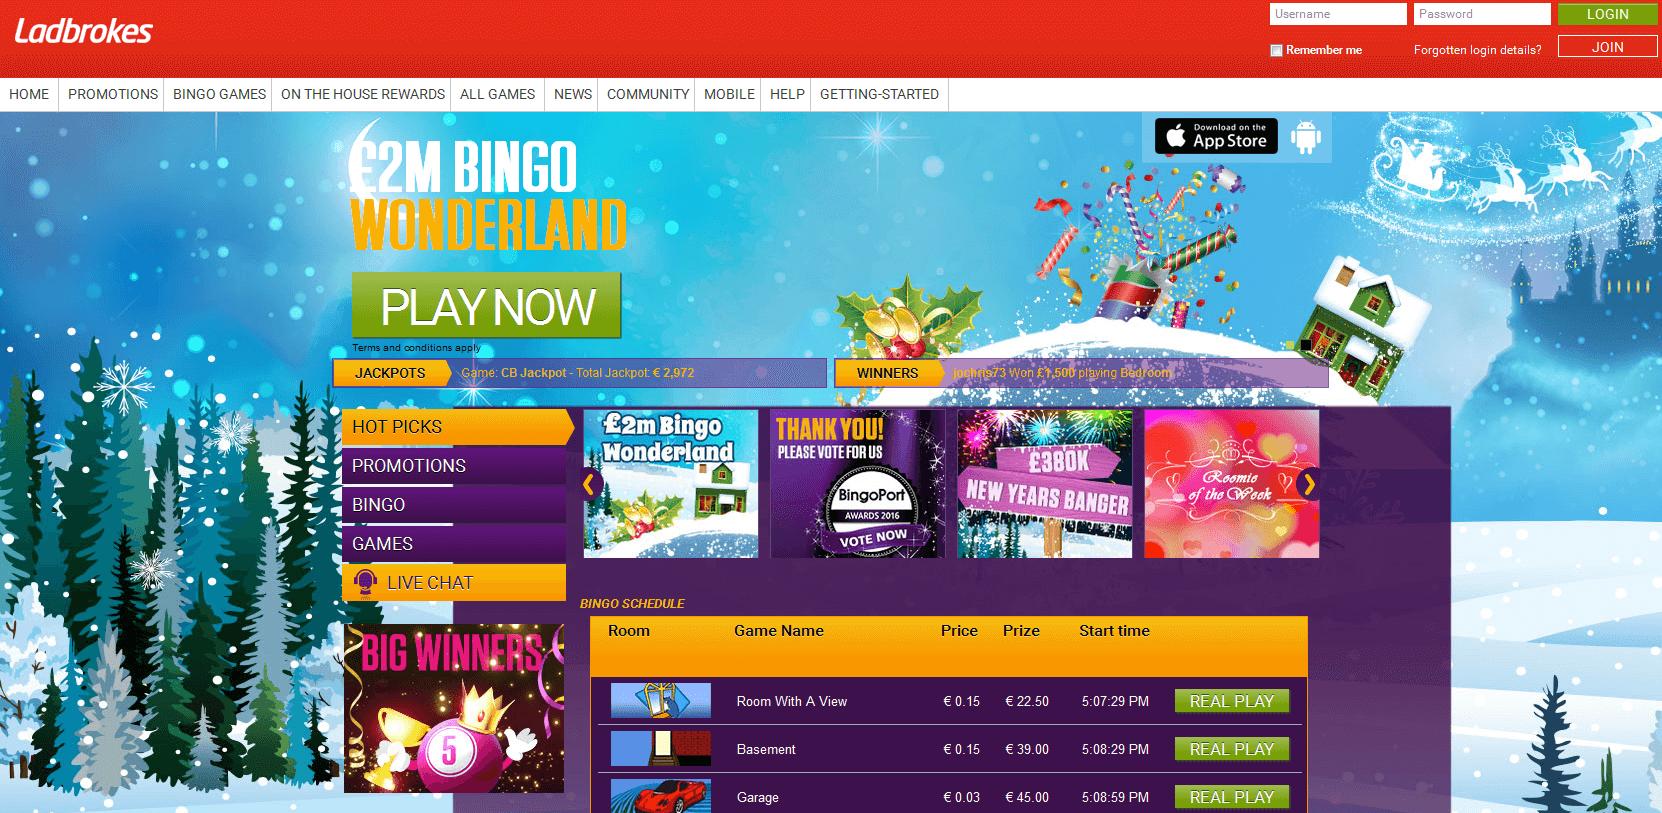 Die Homepage von Ladbrokes Bingo